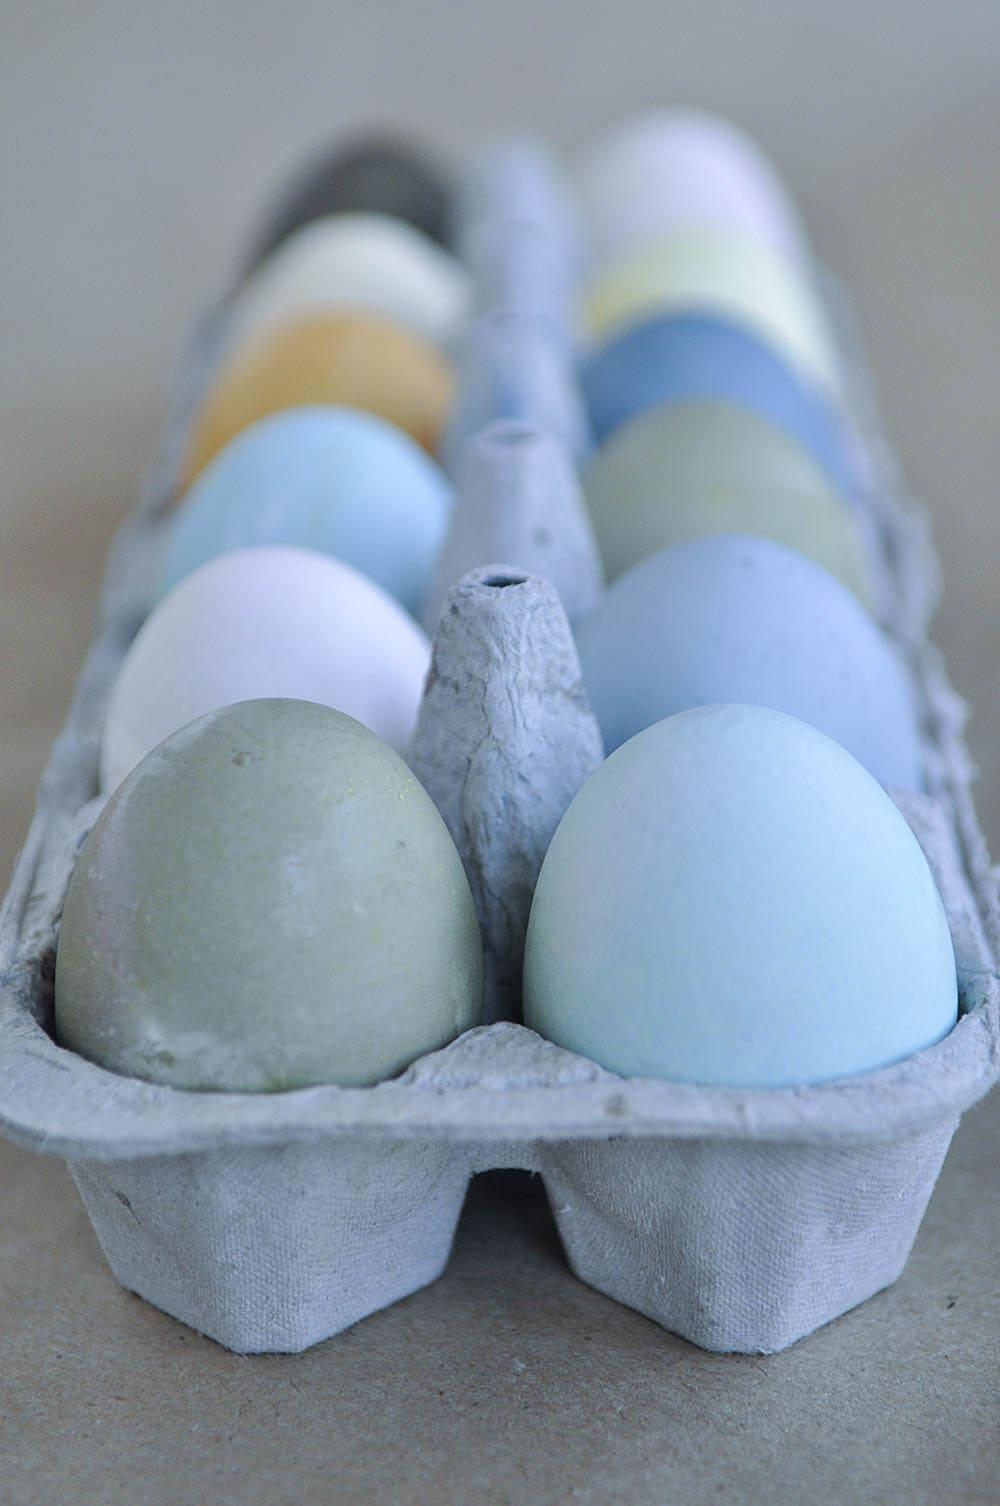 dyed easter eggs in egg holder